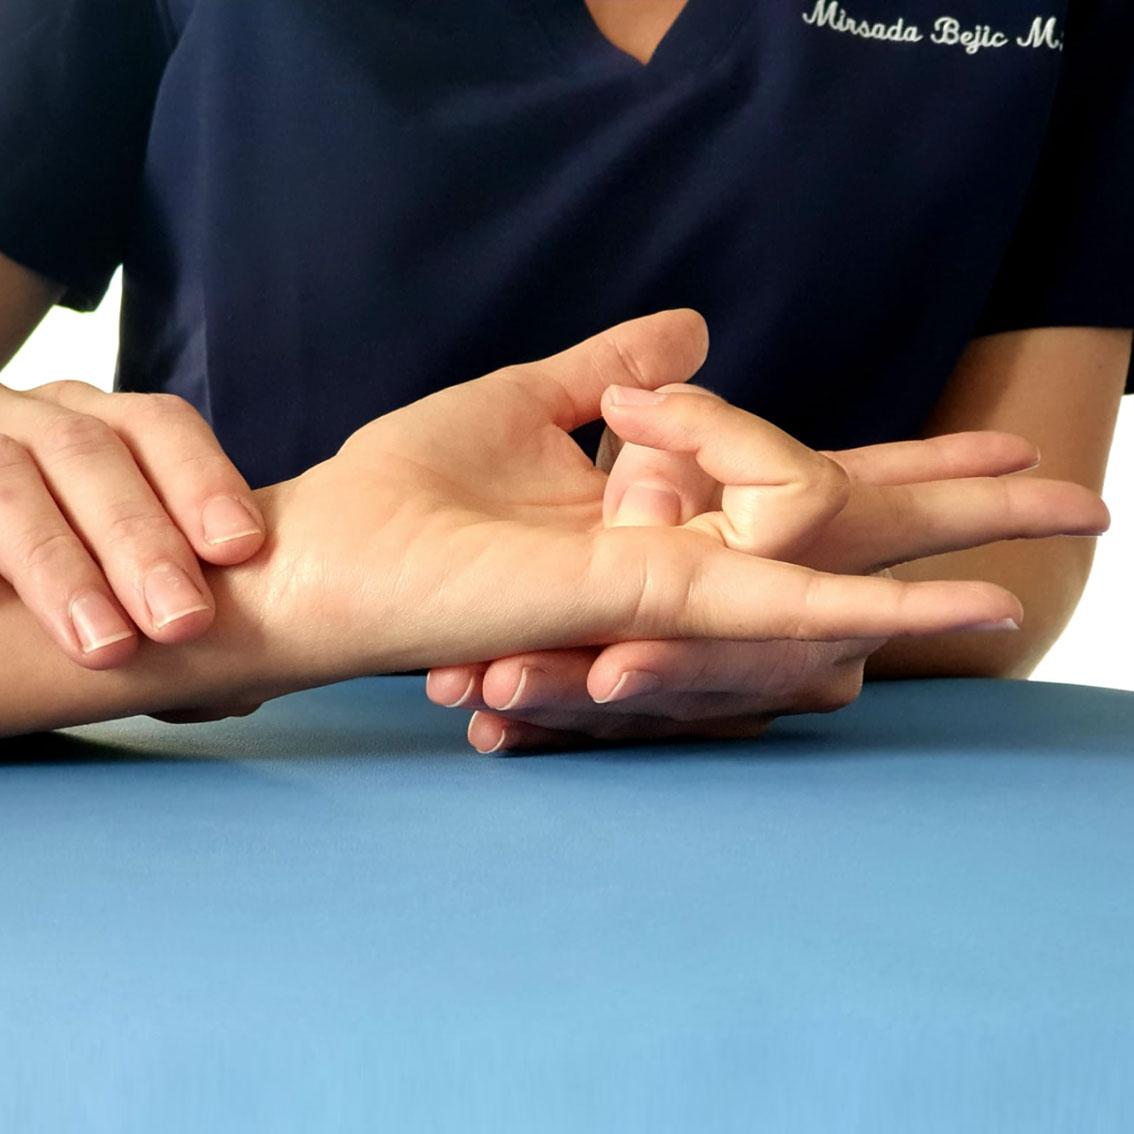 Pathologie fréquente de la main, doigt à ressaut